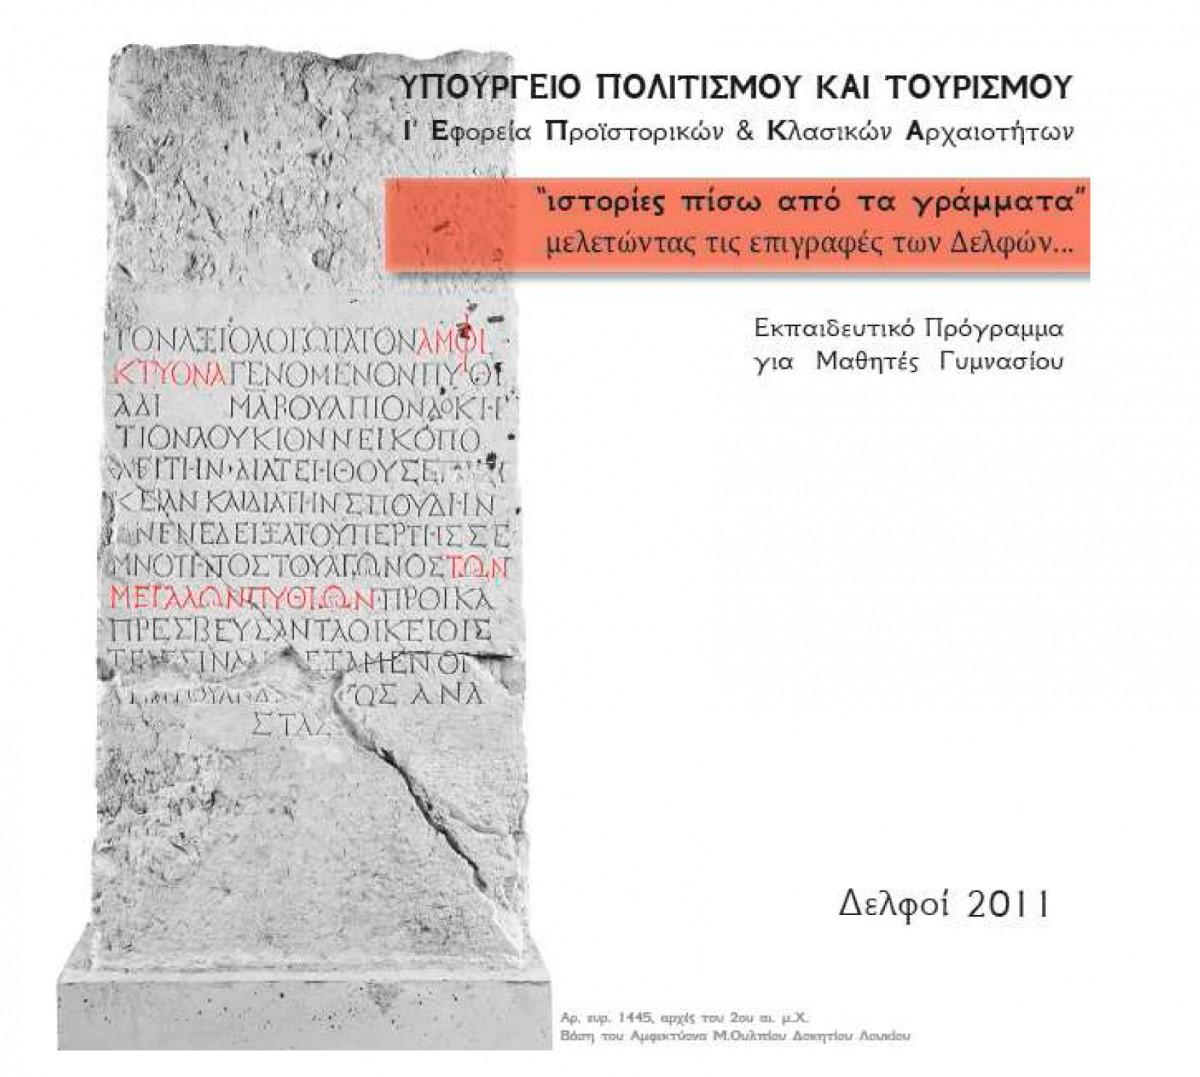 Εικ. 8. Το εξώφυλλο του εκπαιδευτικού προγράμματος.